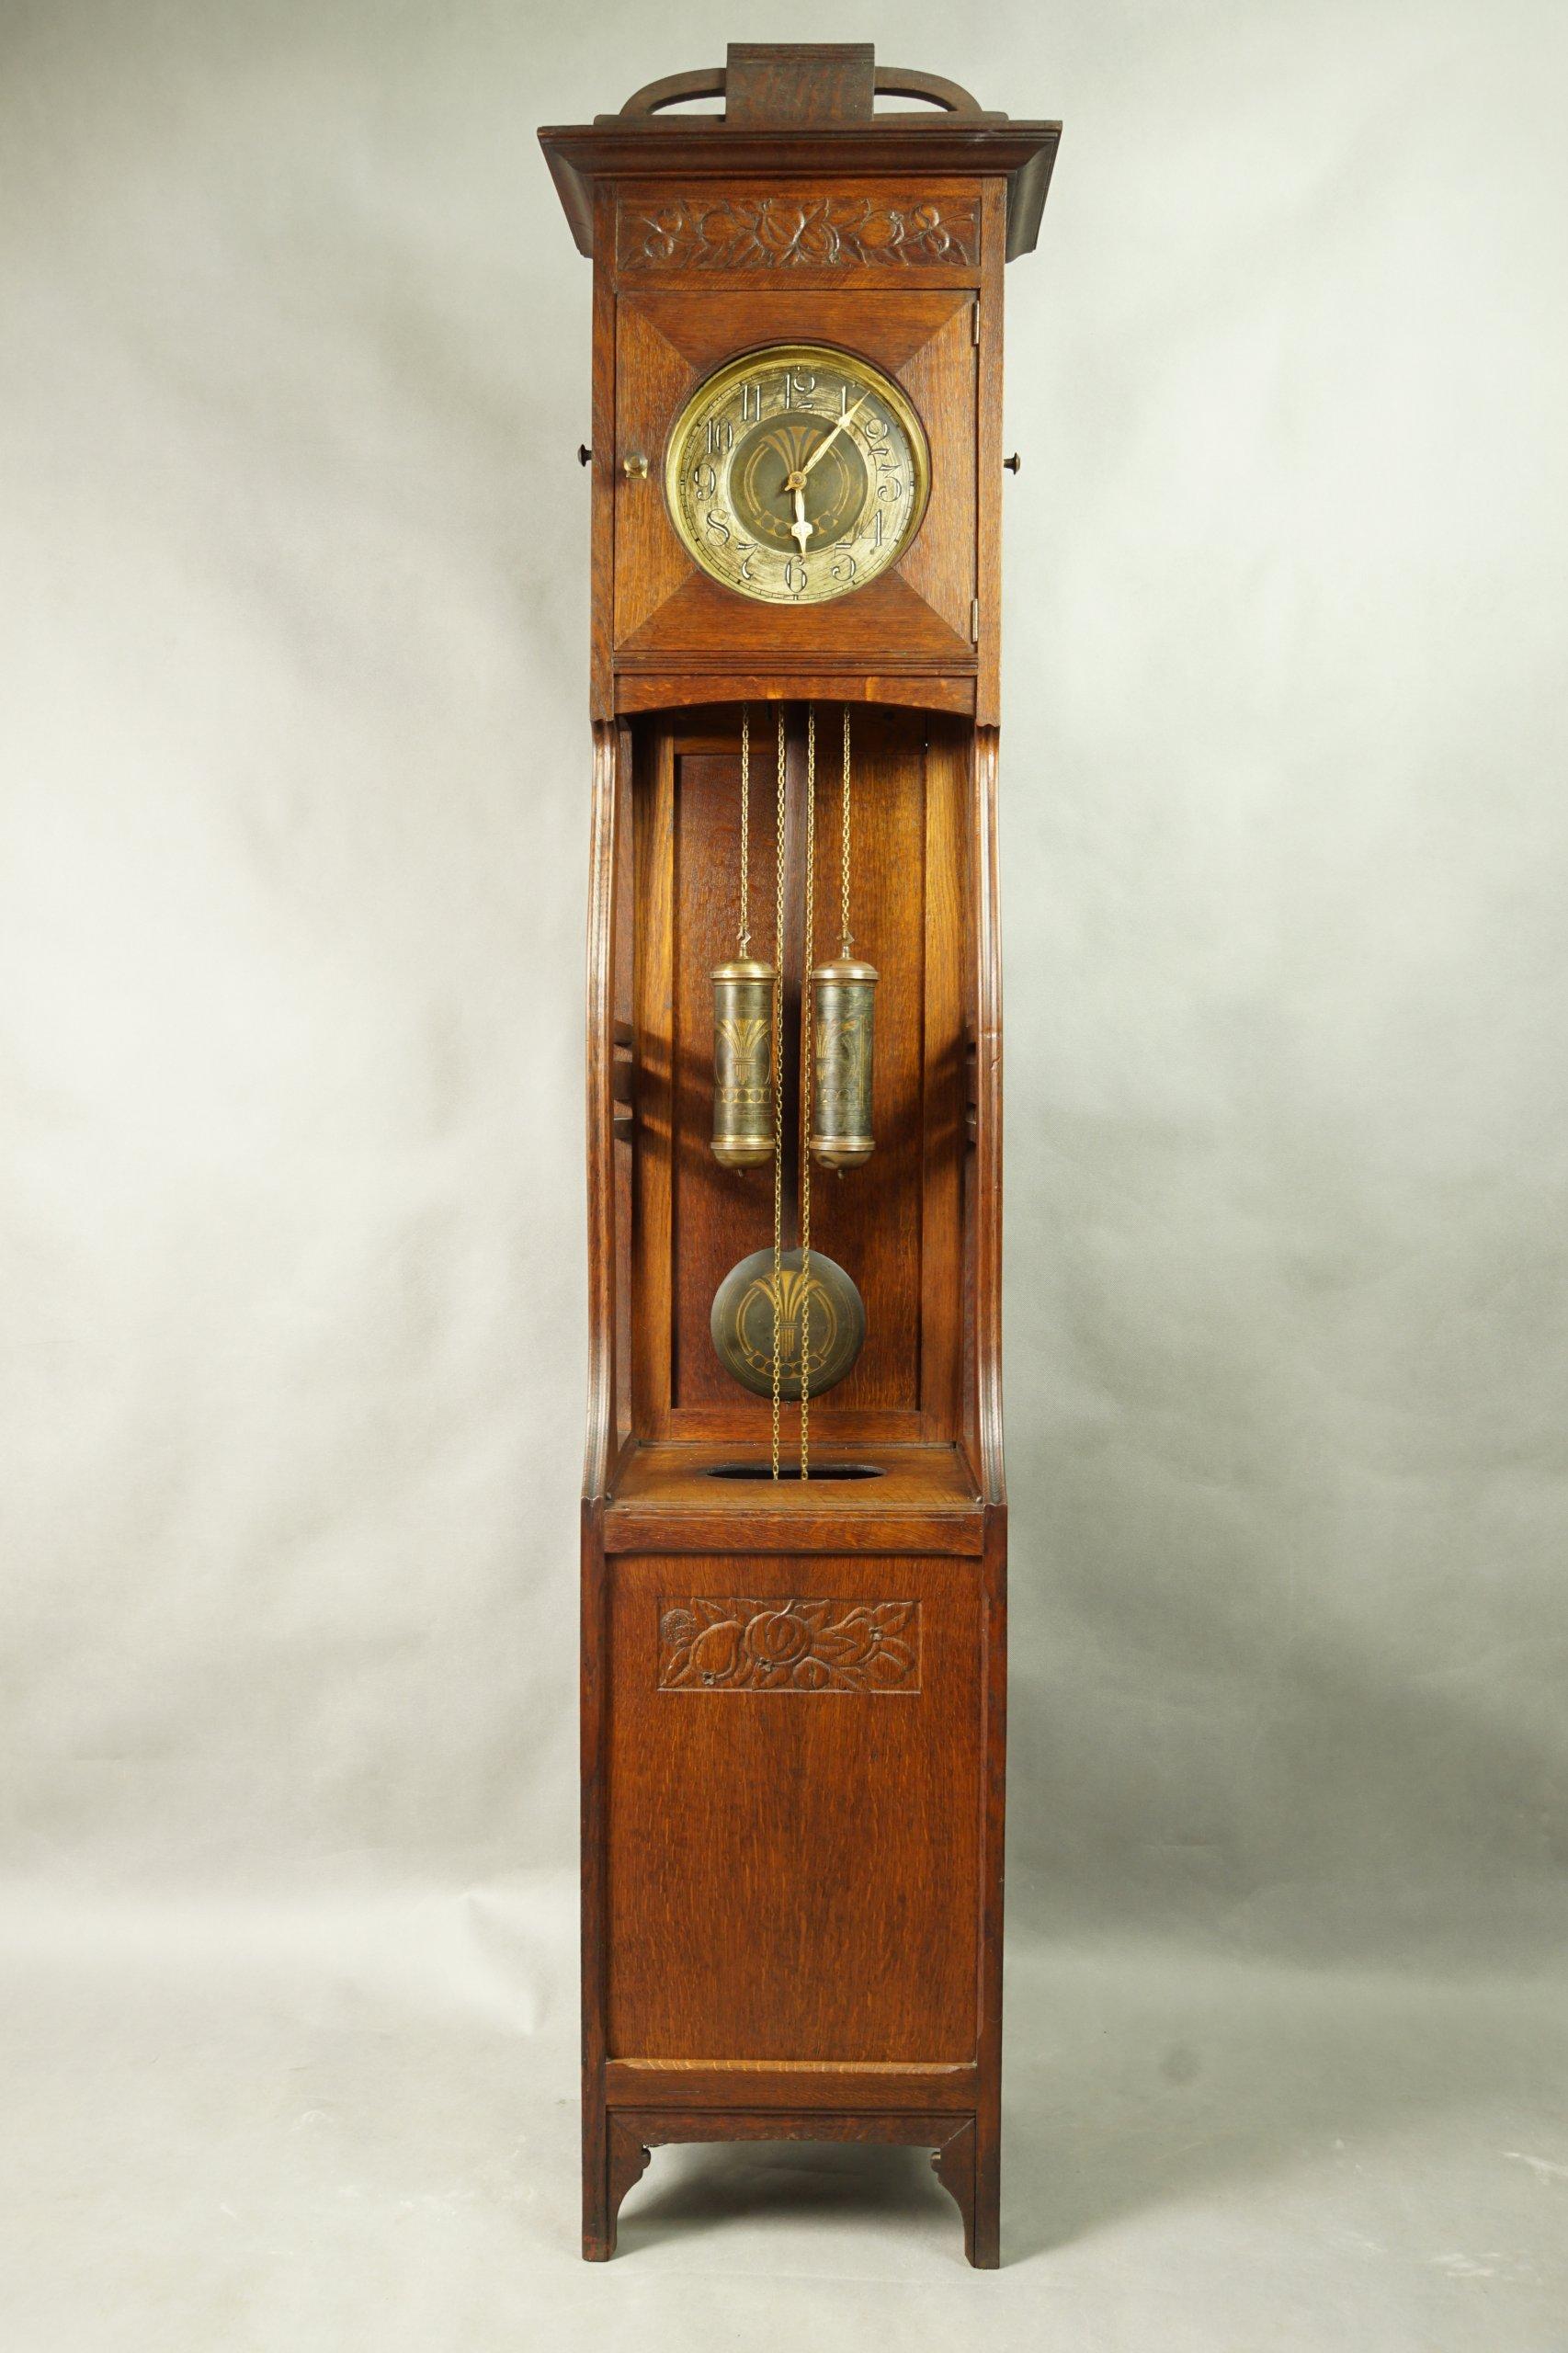 Secesyjny Zegar Stojący 7218505835 Oficjalne Archiwum